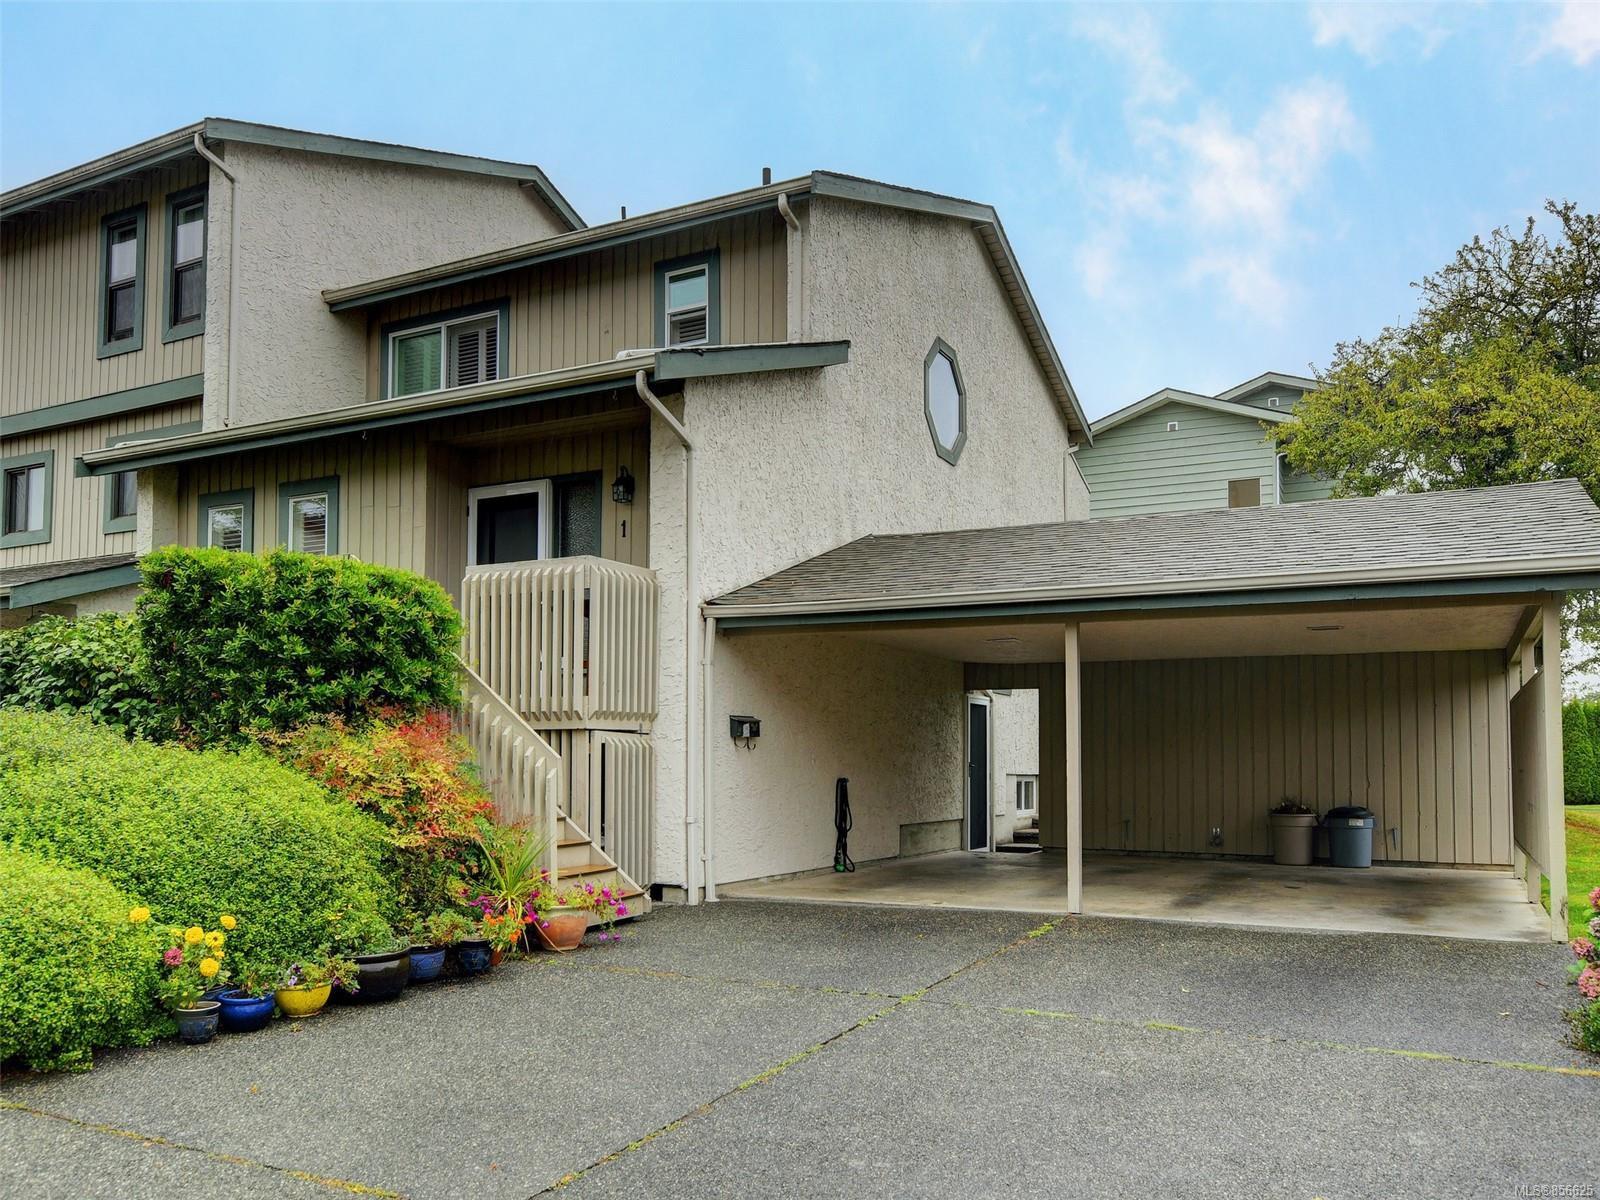 Main Photo: 1 1480 GARNET Rd in : SE Cedar Hill Row/Townhouse for sale (Saanich East)  : MLS®# 856625